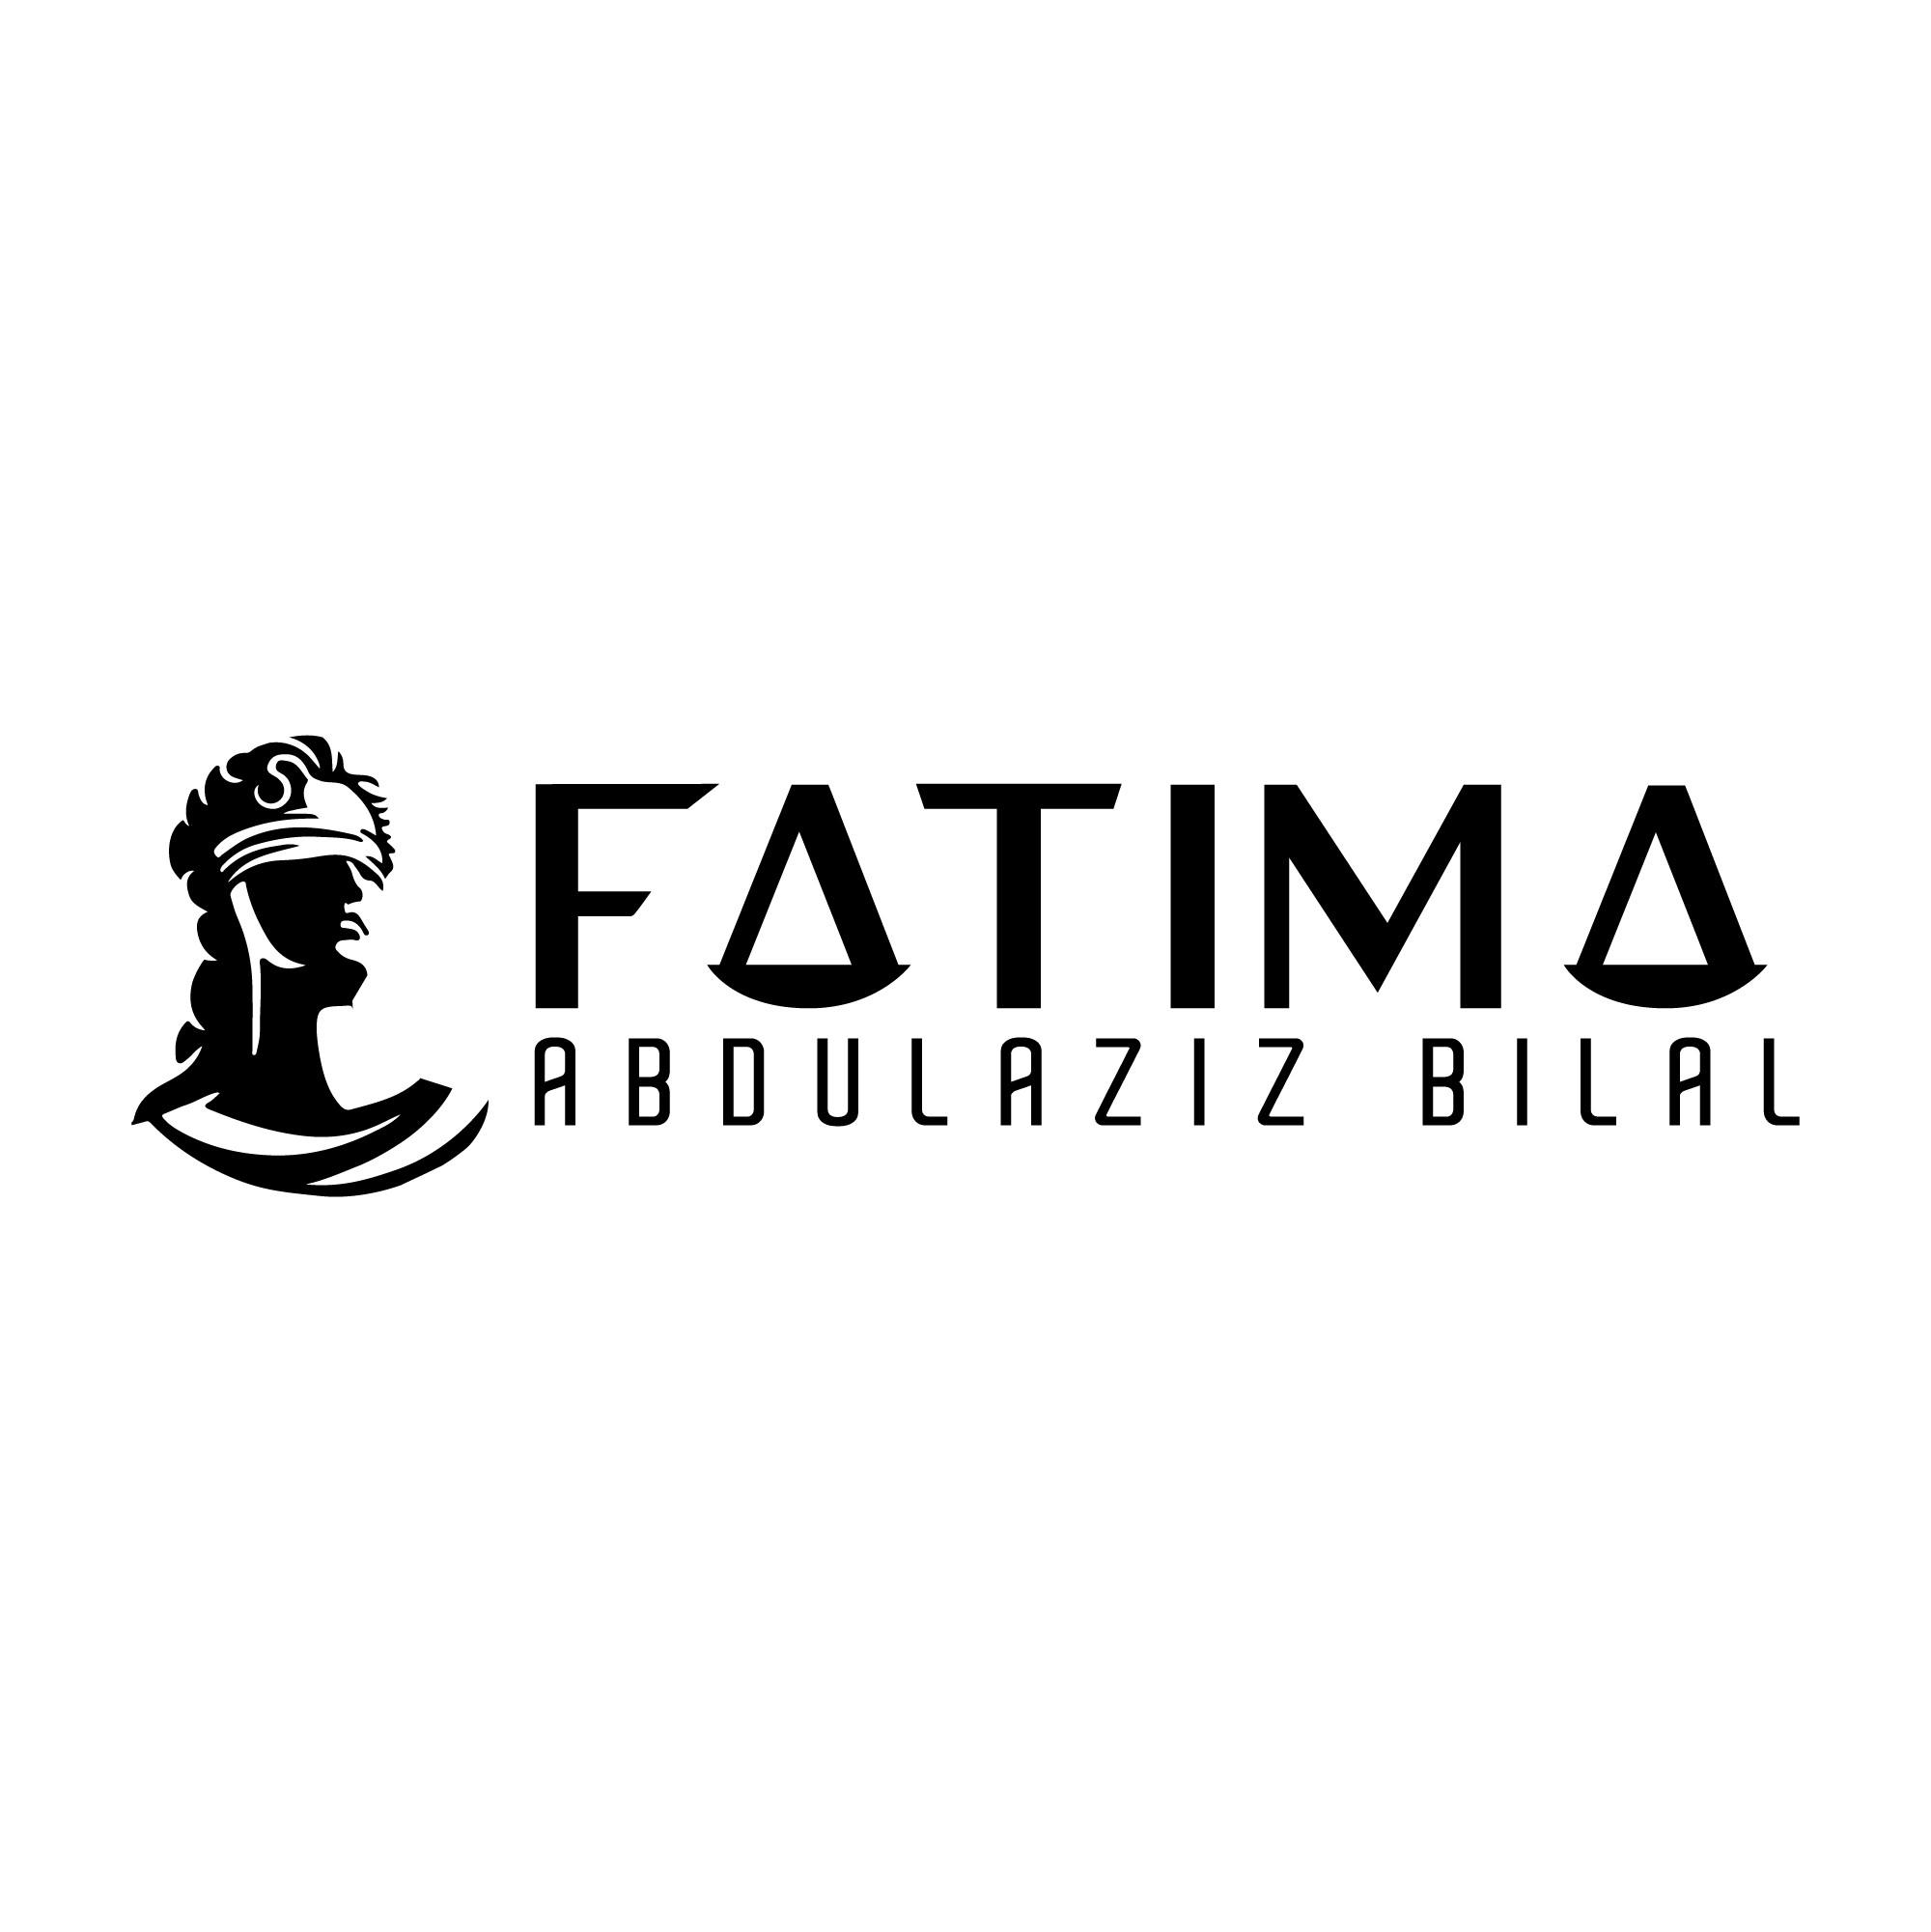 Fatima Abdulaziz Bilal -  Logo & brand identity